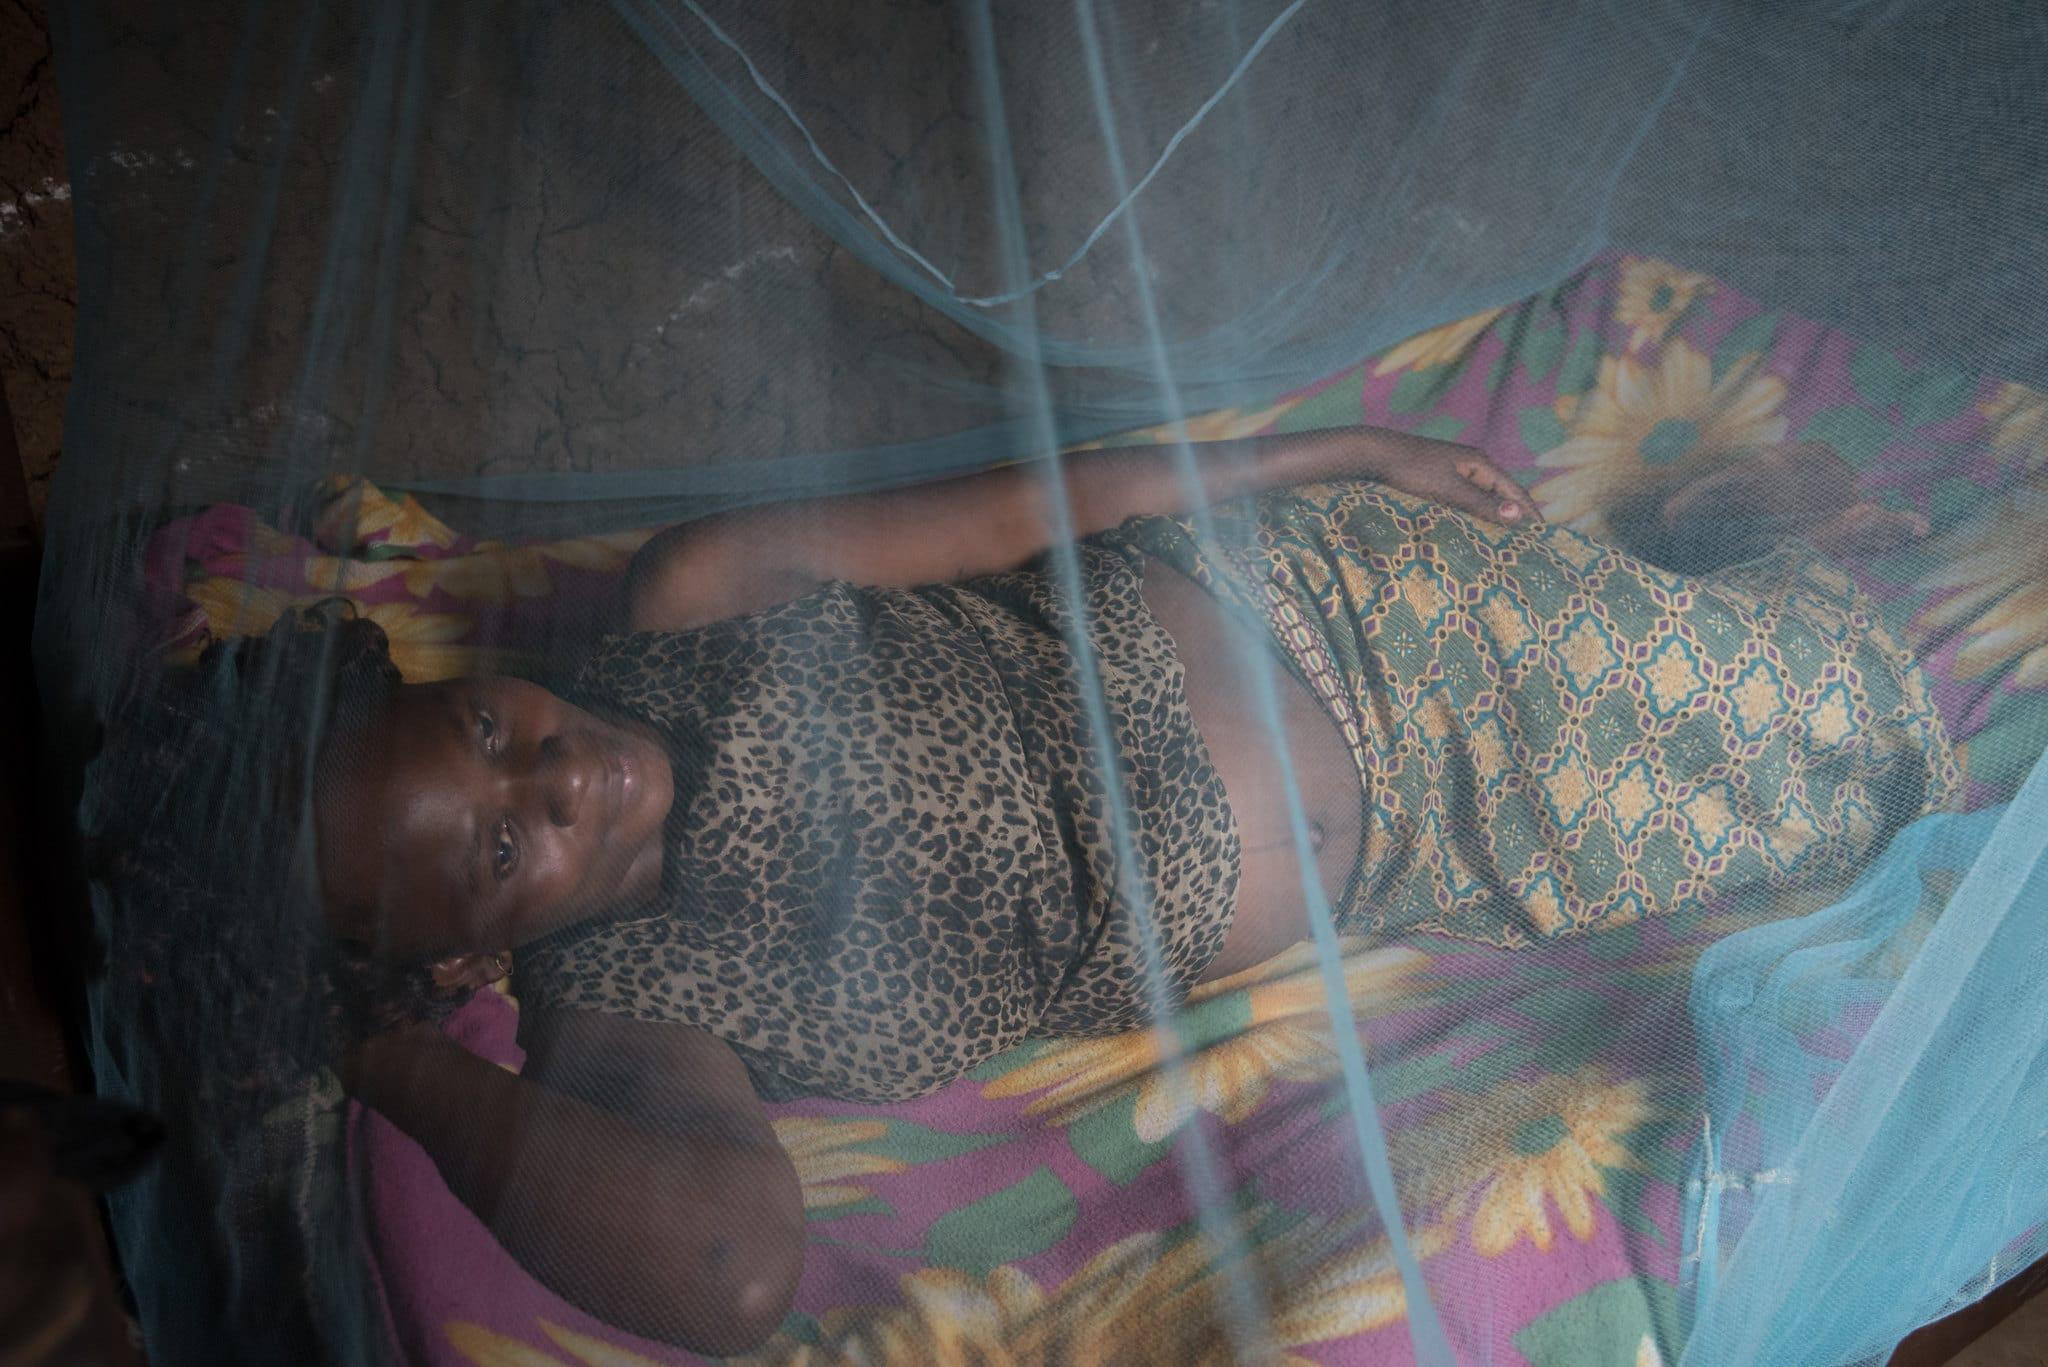 A Bungoma in Kenya, una donna incinta dorme sotto la sua zanzariera per proteggersi dalla malaria. Immagine ripresa da Flickr/Allan Gichigi MCSP in licenza CC.